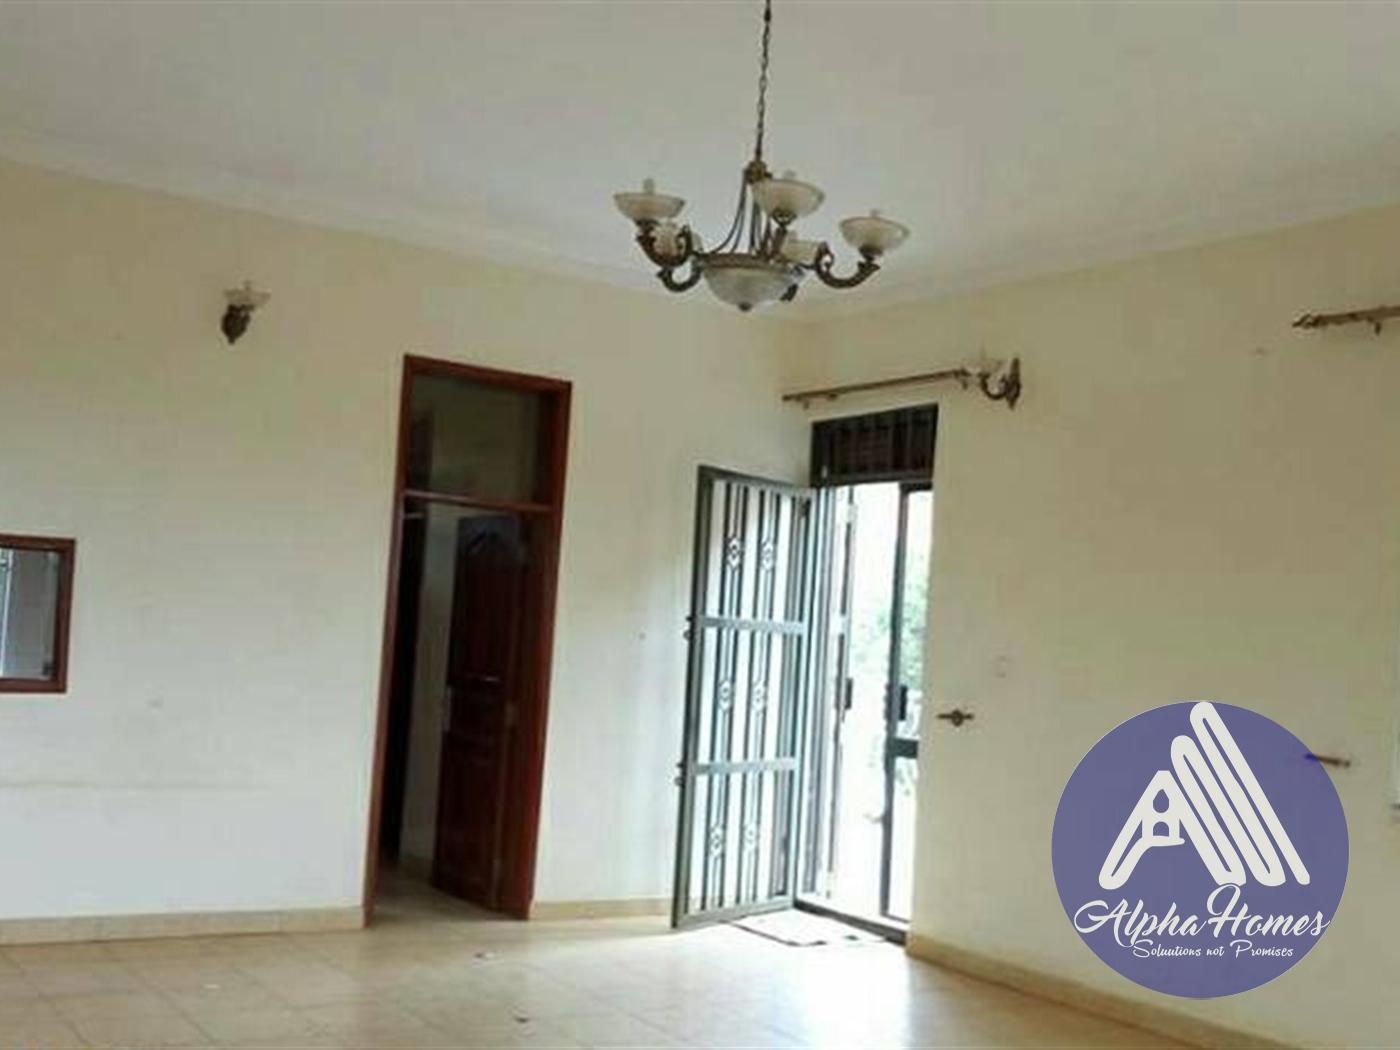 Apartment for rent in Naguru Wakiso